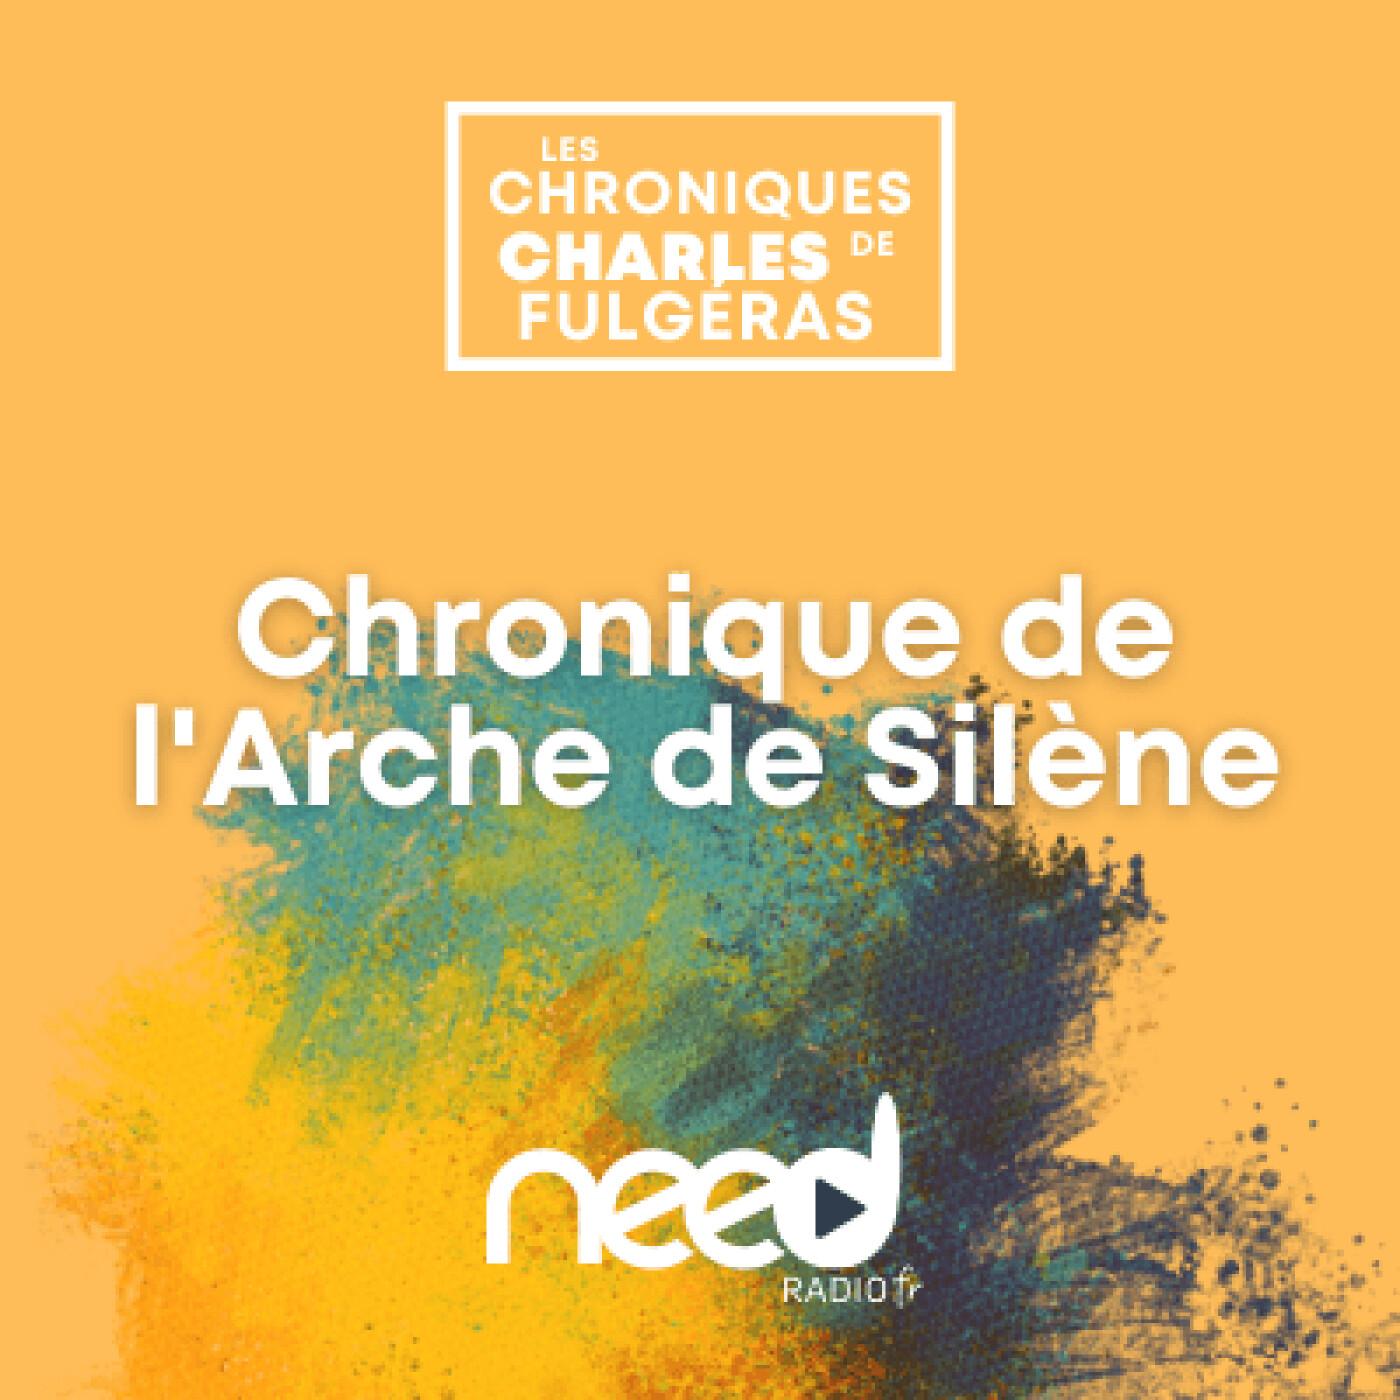 Chronique de l'Arche de Silène – Introduction